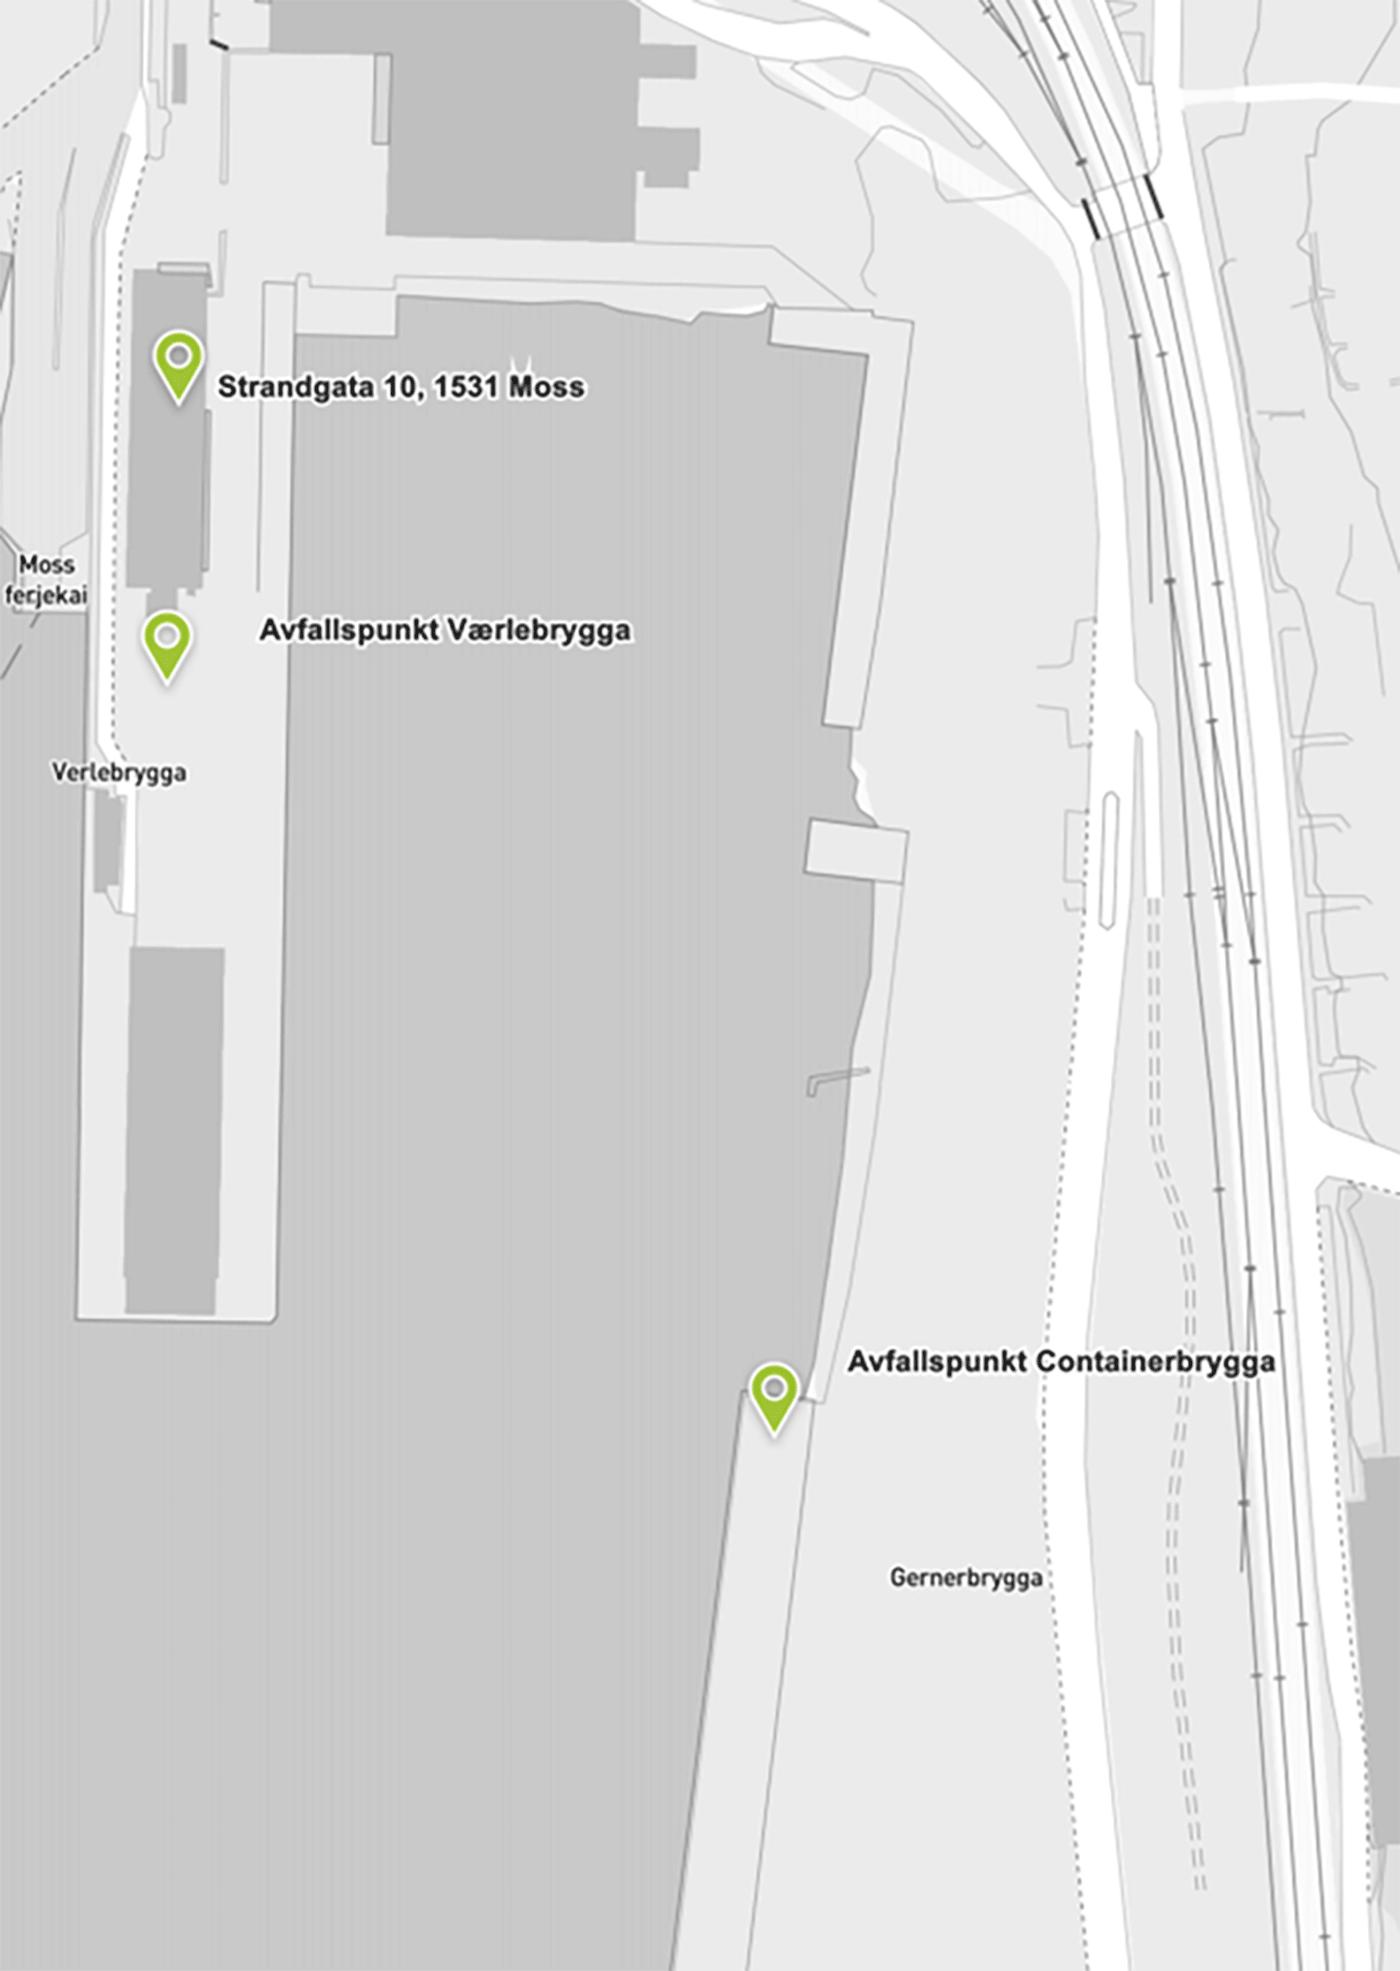 Oversikt over avfallspunkt i kart